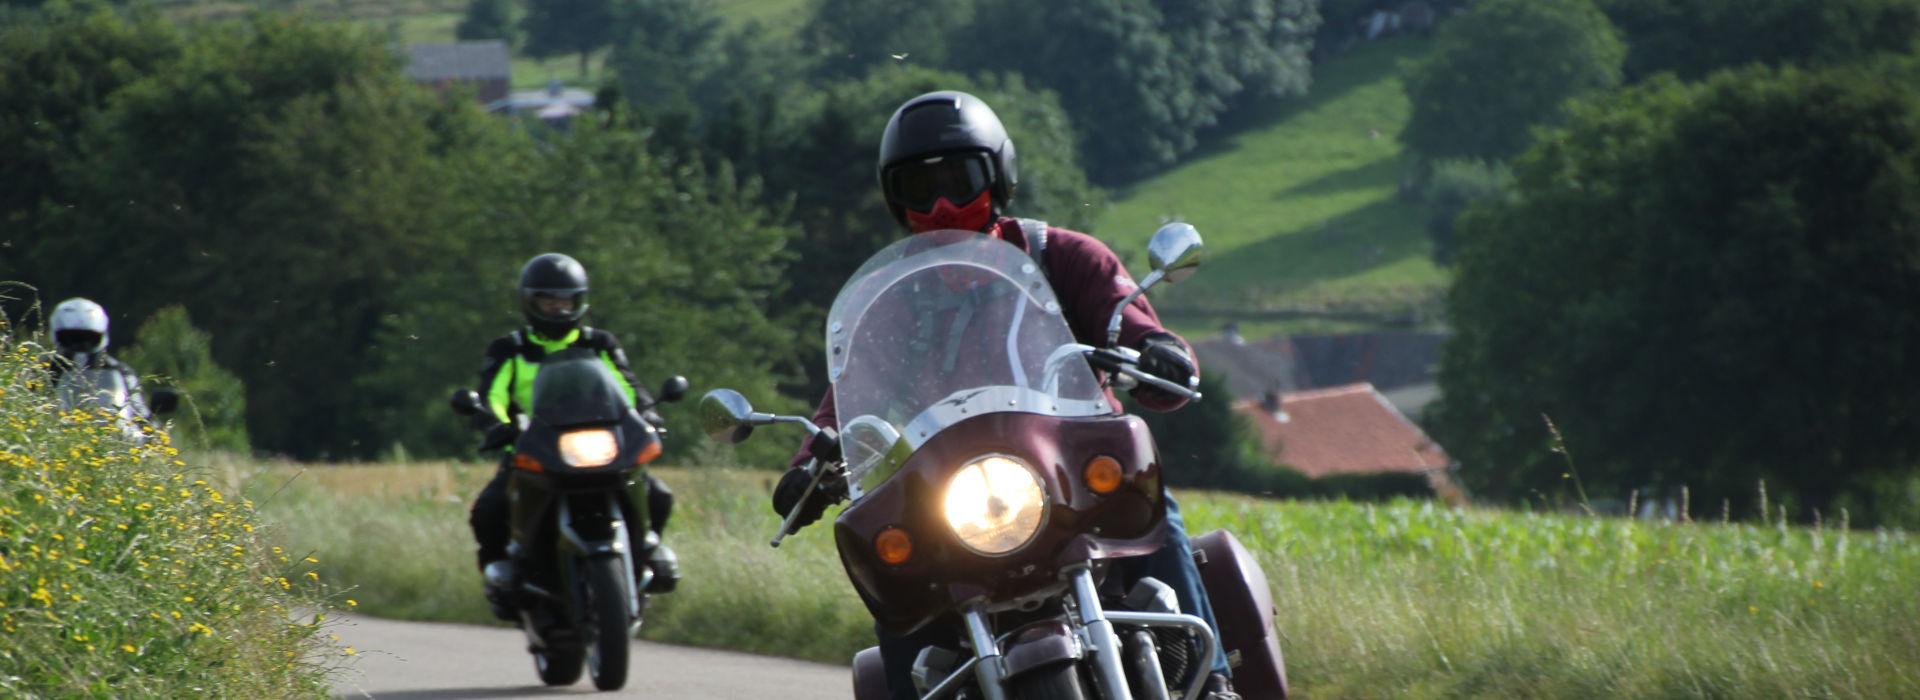 Motorrijbewijspoint Gorinchem spoedopleiding motorrijbewijs